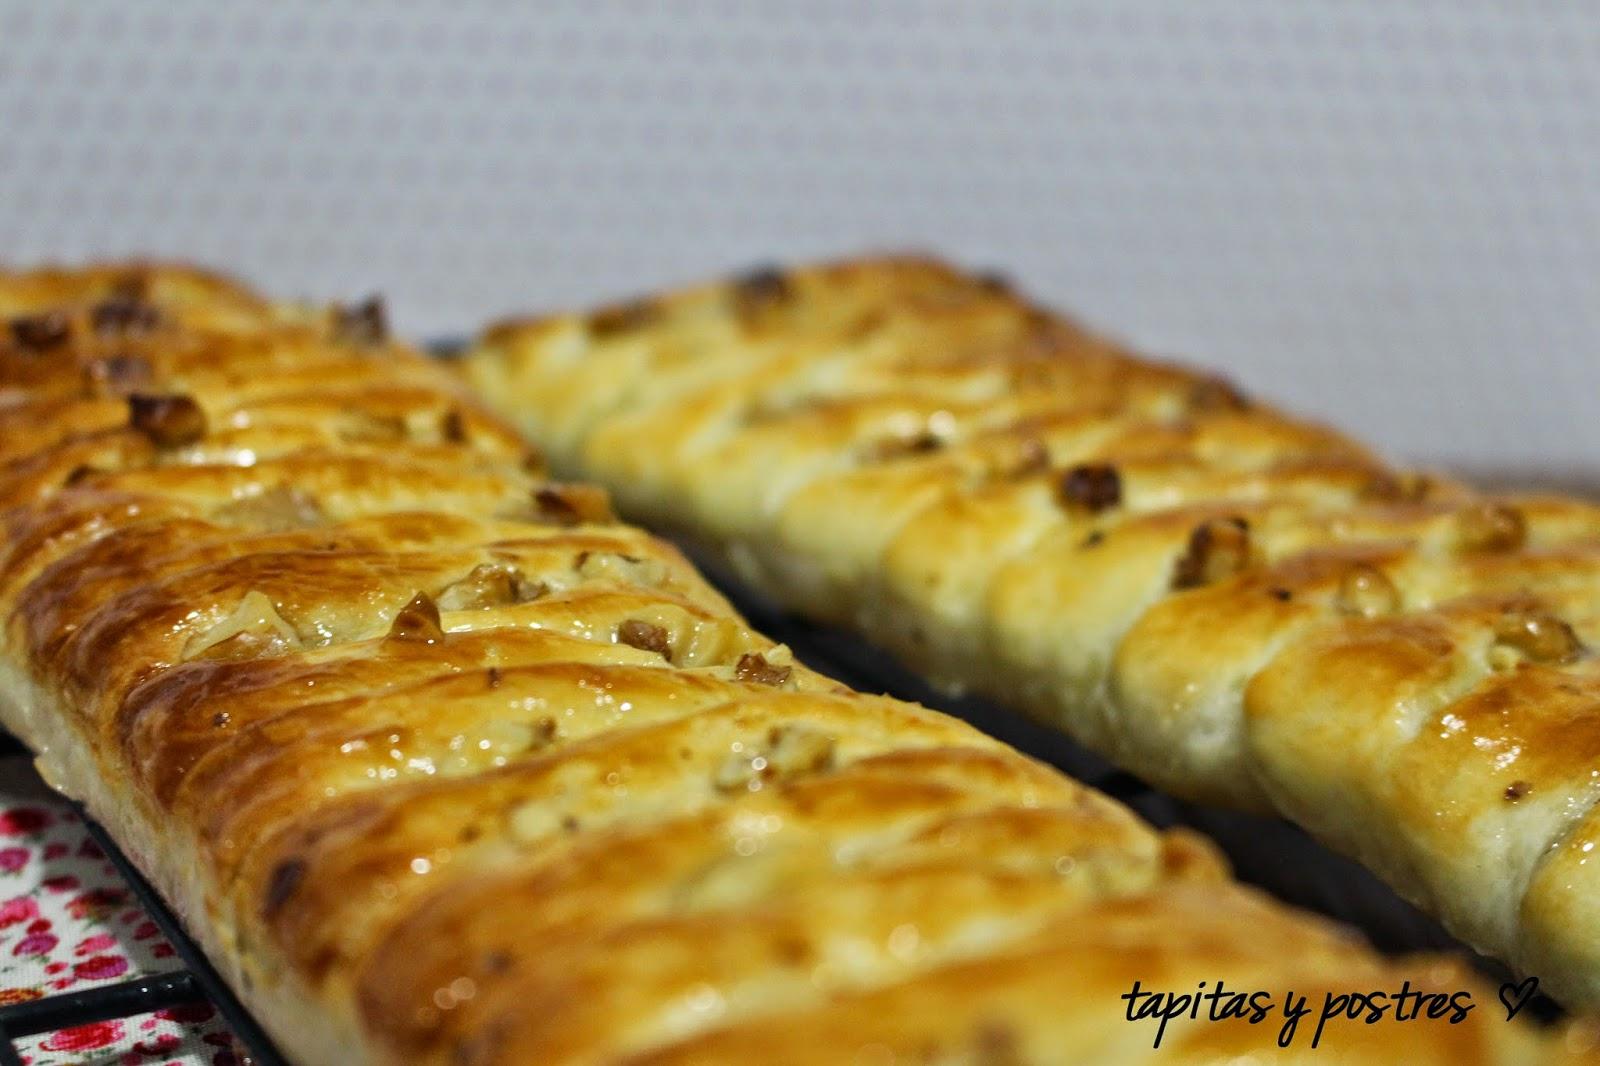 Tapitas y postres trenza de hojaldre con compota de manzana - Pure de castanas y manzana ...